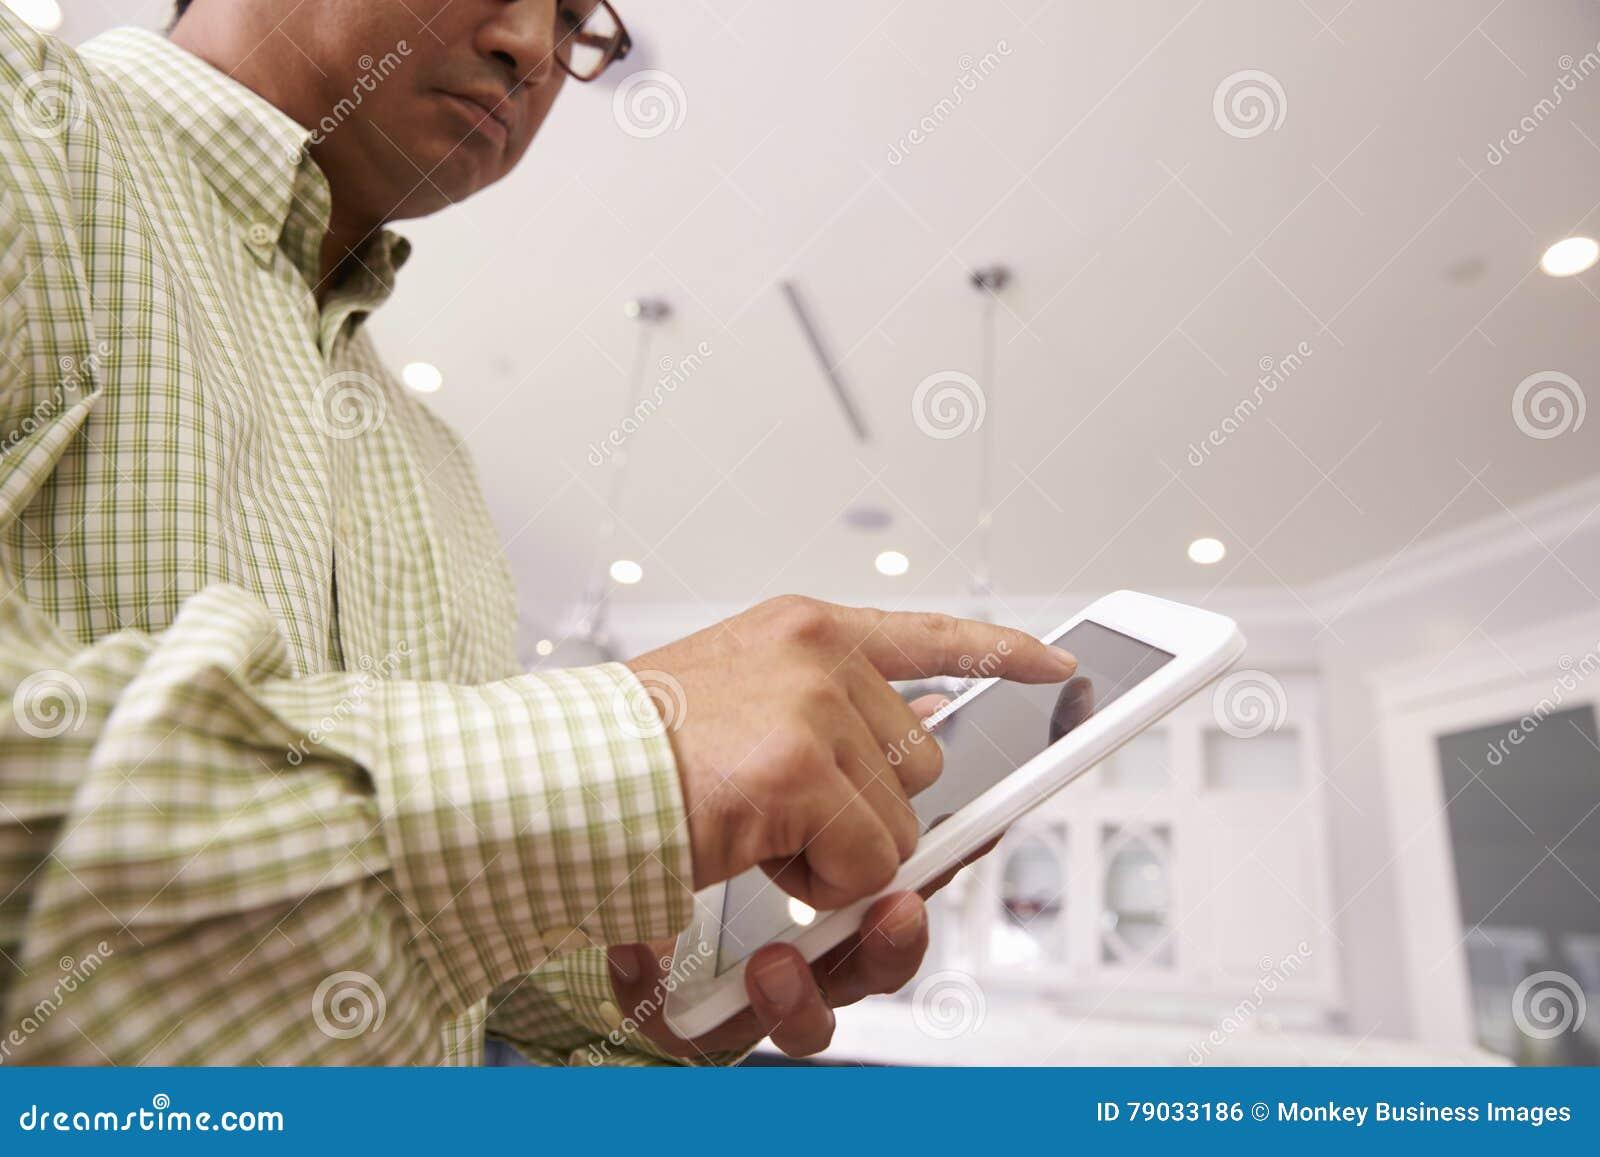 Άτομο που χρησιμοποιεί την ψηφιακή ταμπλέτα για να ελέγξει να ανάψει στο σπίτι